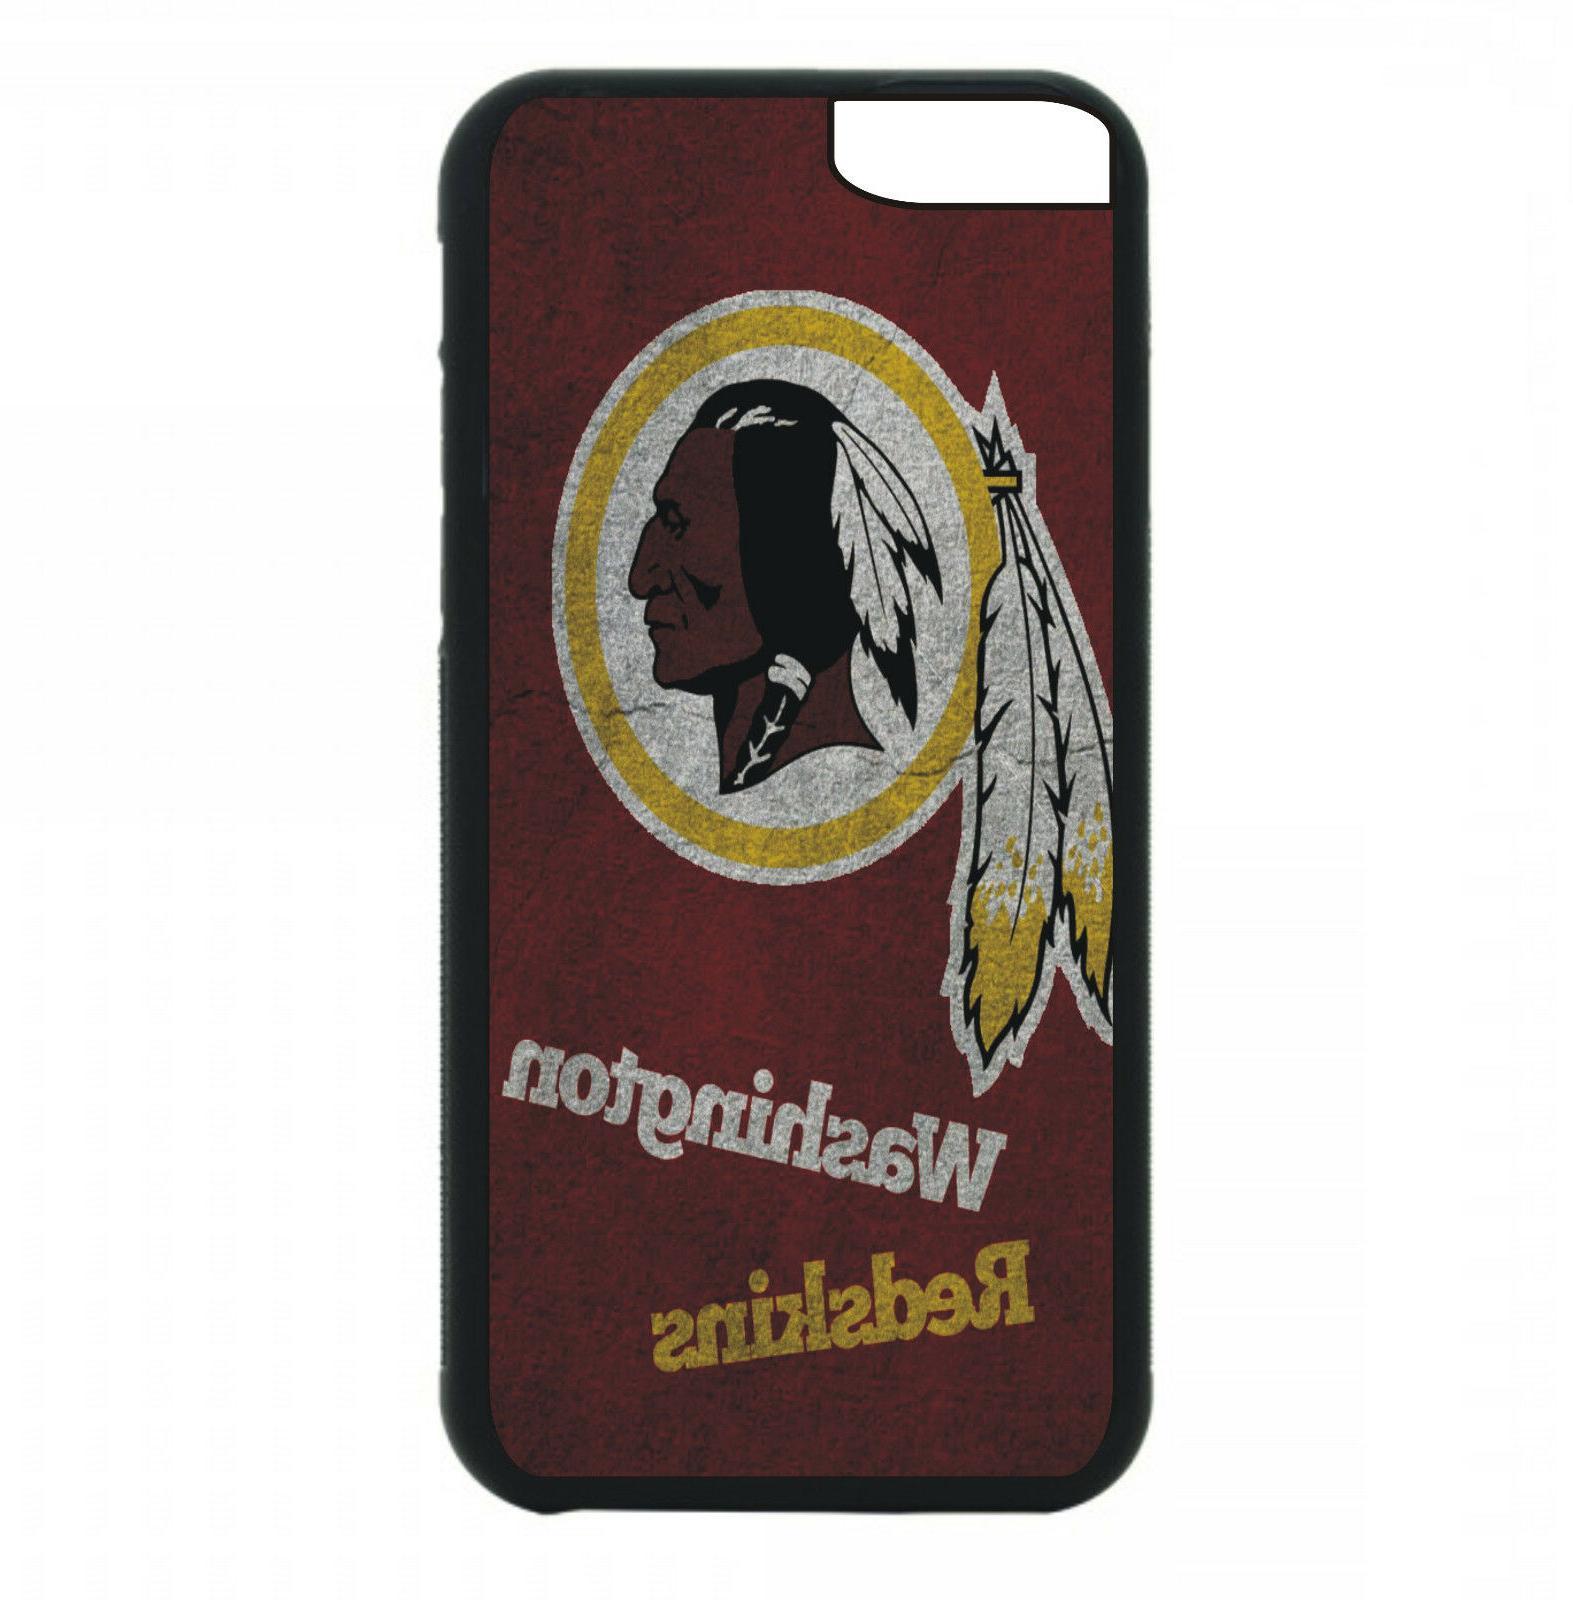 washington redskins phone case for iphone x